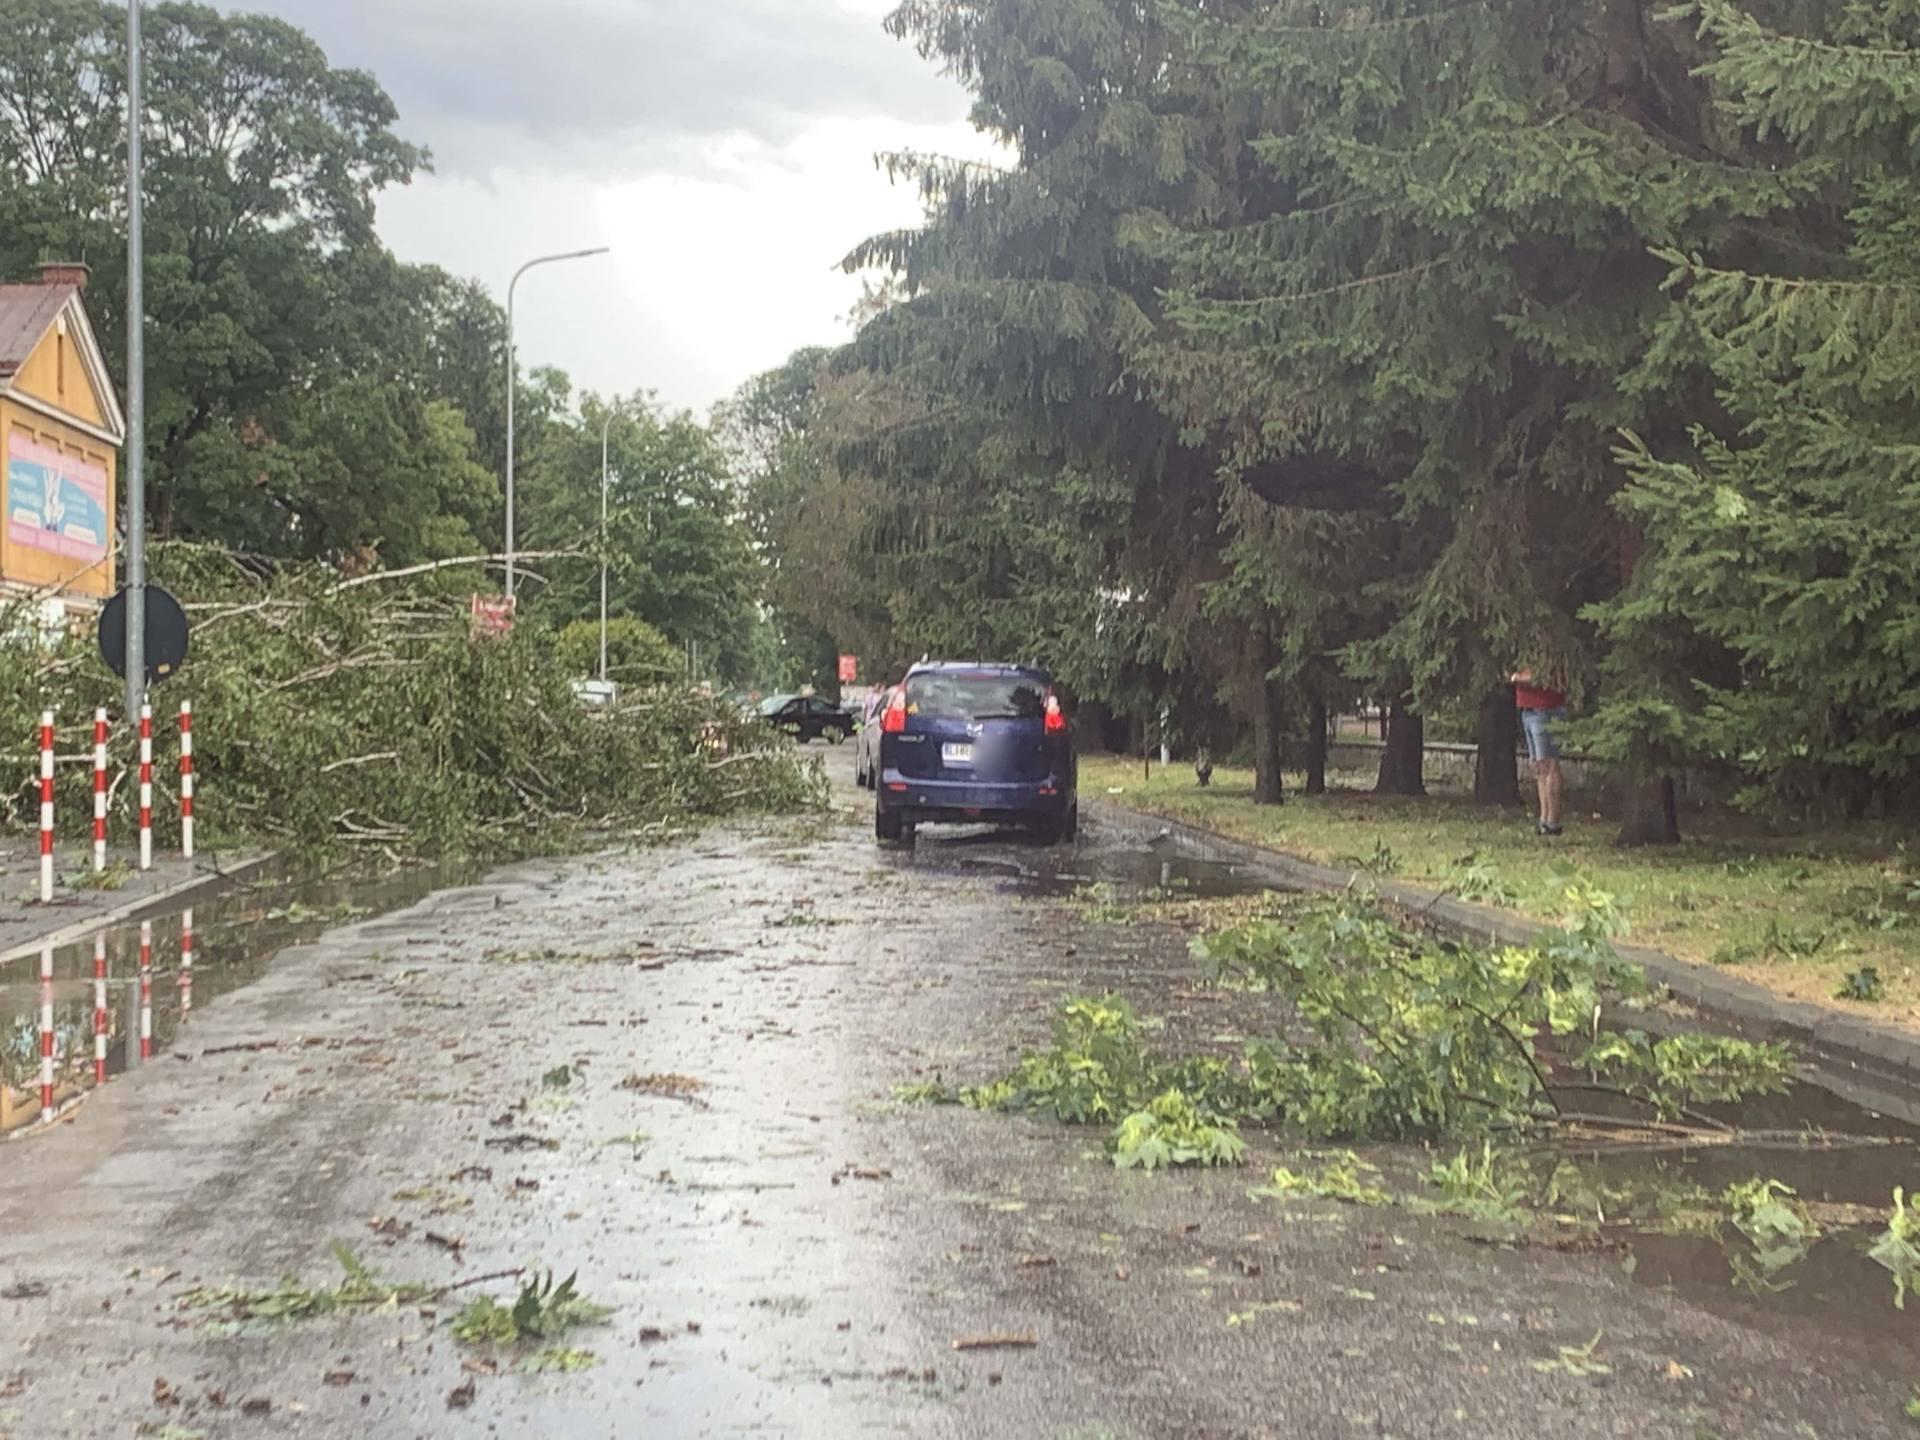 img 0958 Zerwane dachy, połamane drzewa, uszkodzone samochody. Straty po burzy, która przeszła nad Zamojszczyzną